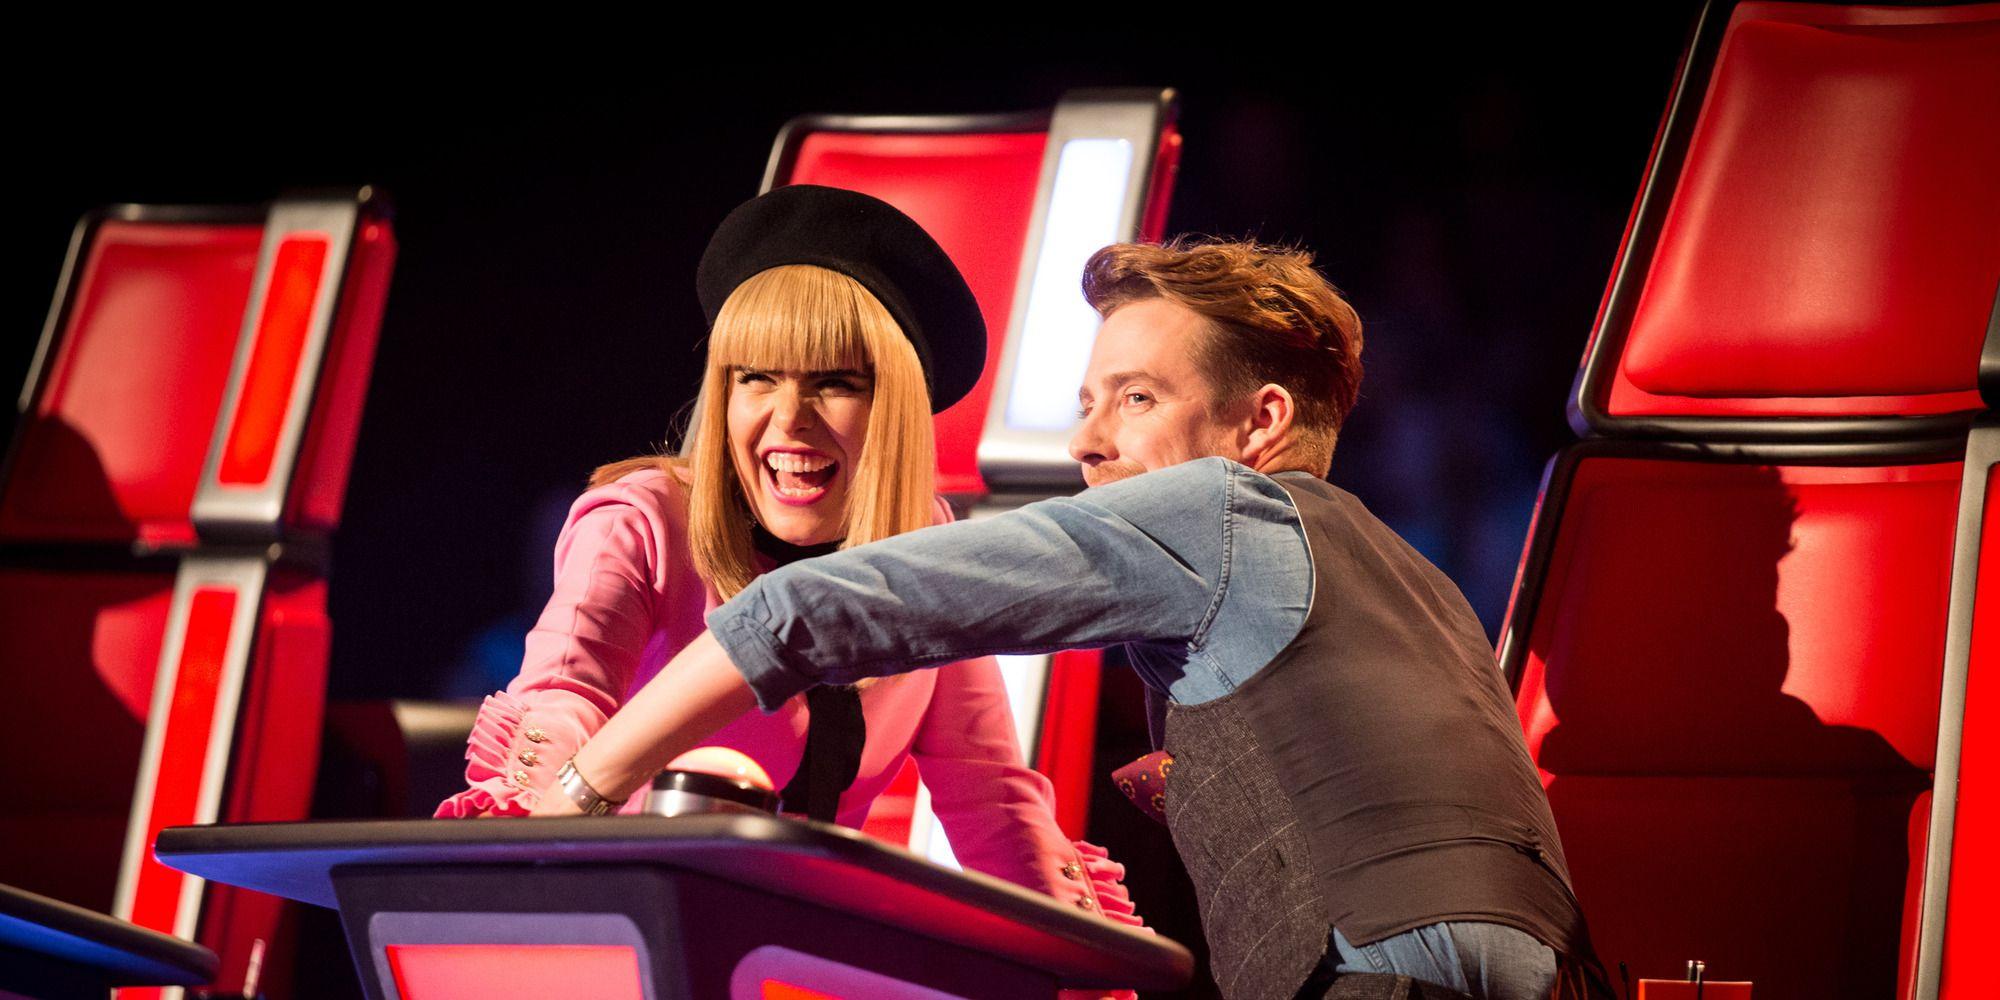 Paloma Faith and Ricky Wilson on The Voice UK